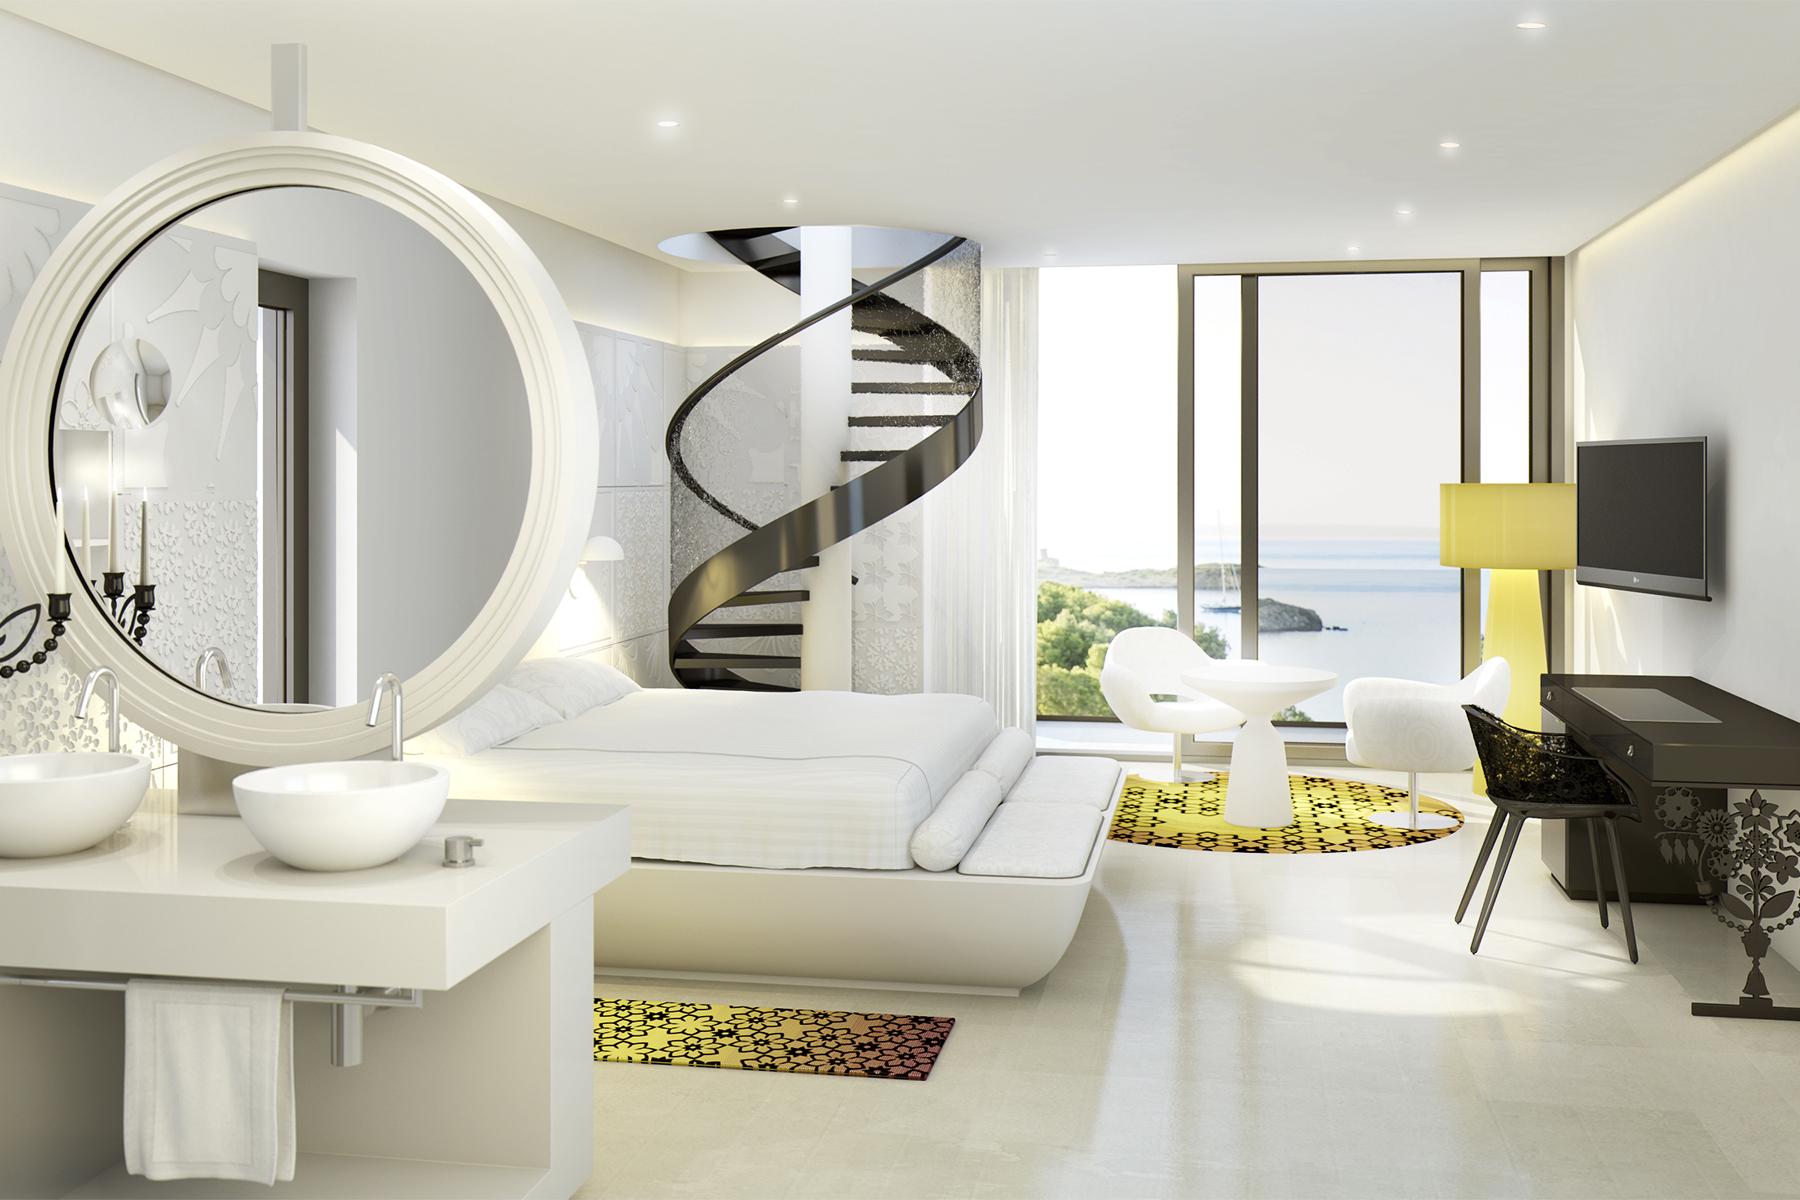 Марсель Вандерс оформил пятизвездочный отель на Майорке   галерея [1] фото [15]